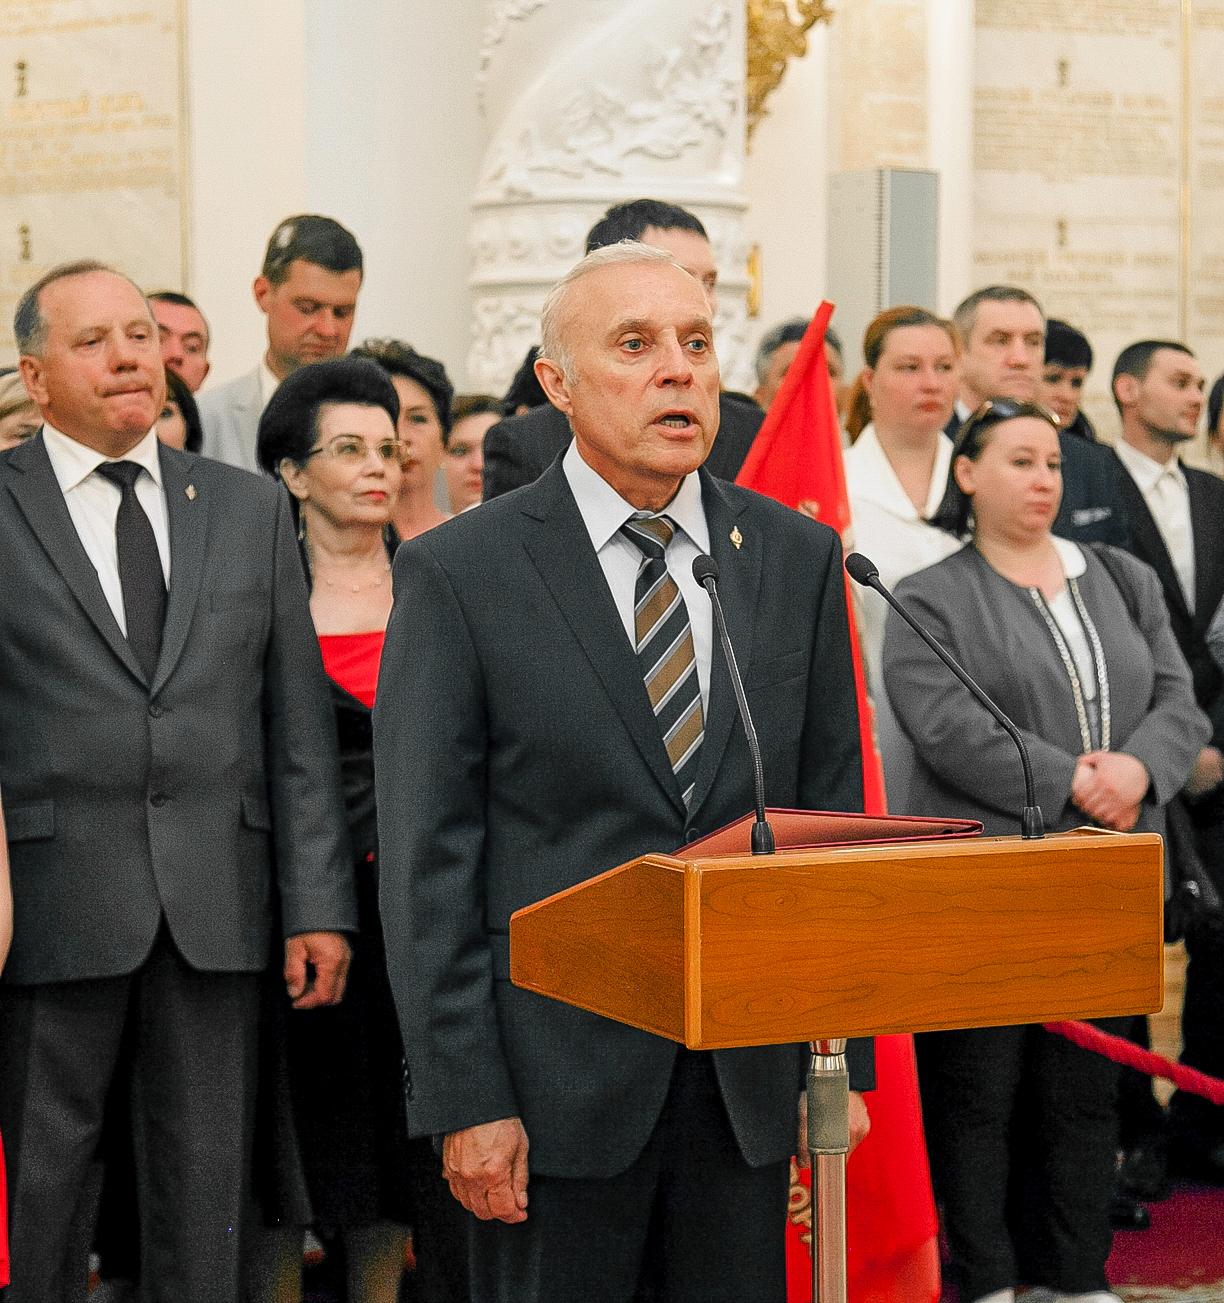 Приветственное слово президента Международной Ассоциации «Альфа», члена Общественной палаты РФ Сергея Гончарова